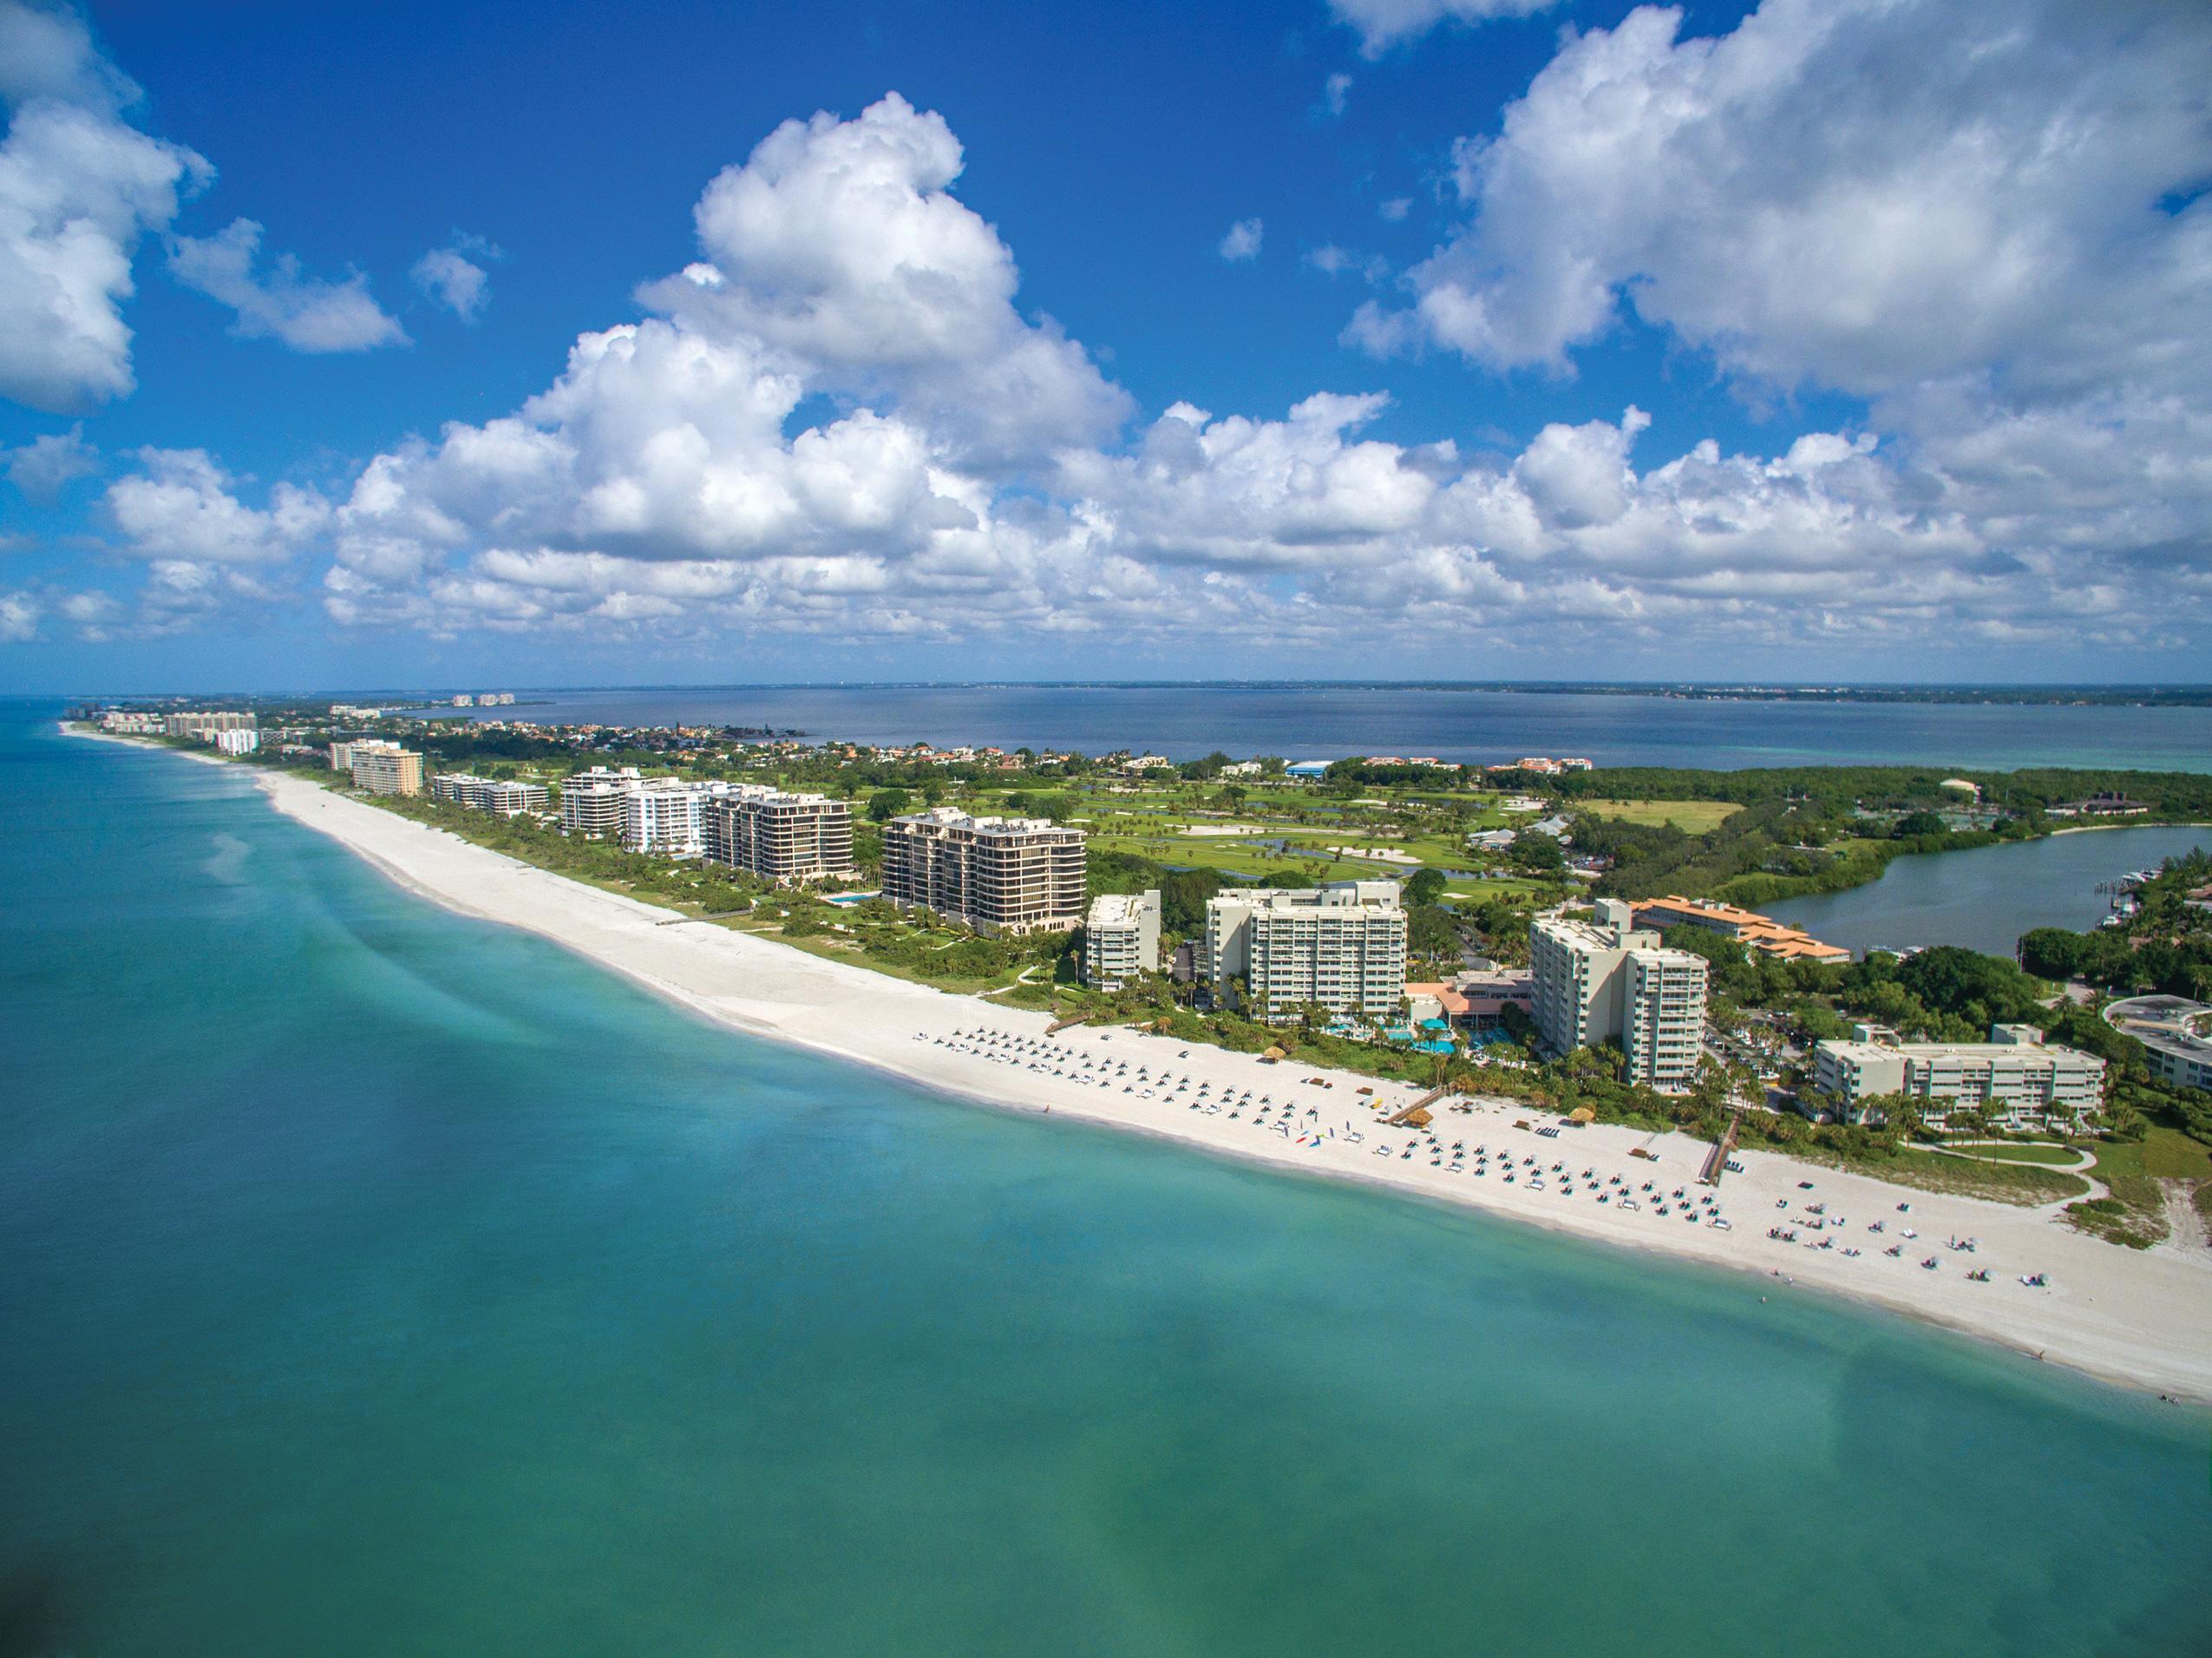 Beautiful Resort - Aerial view